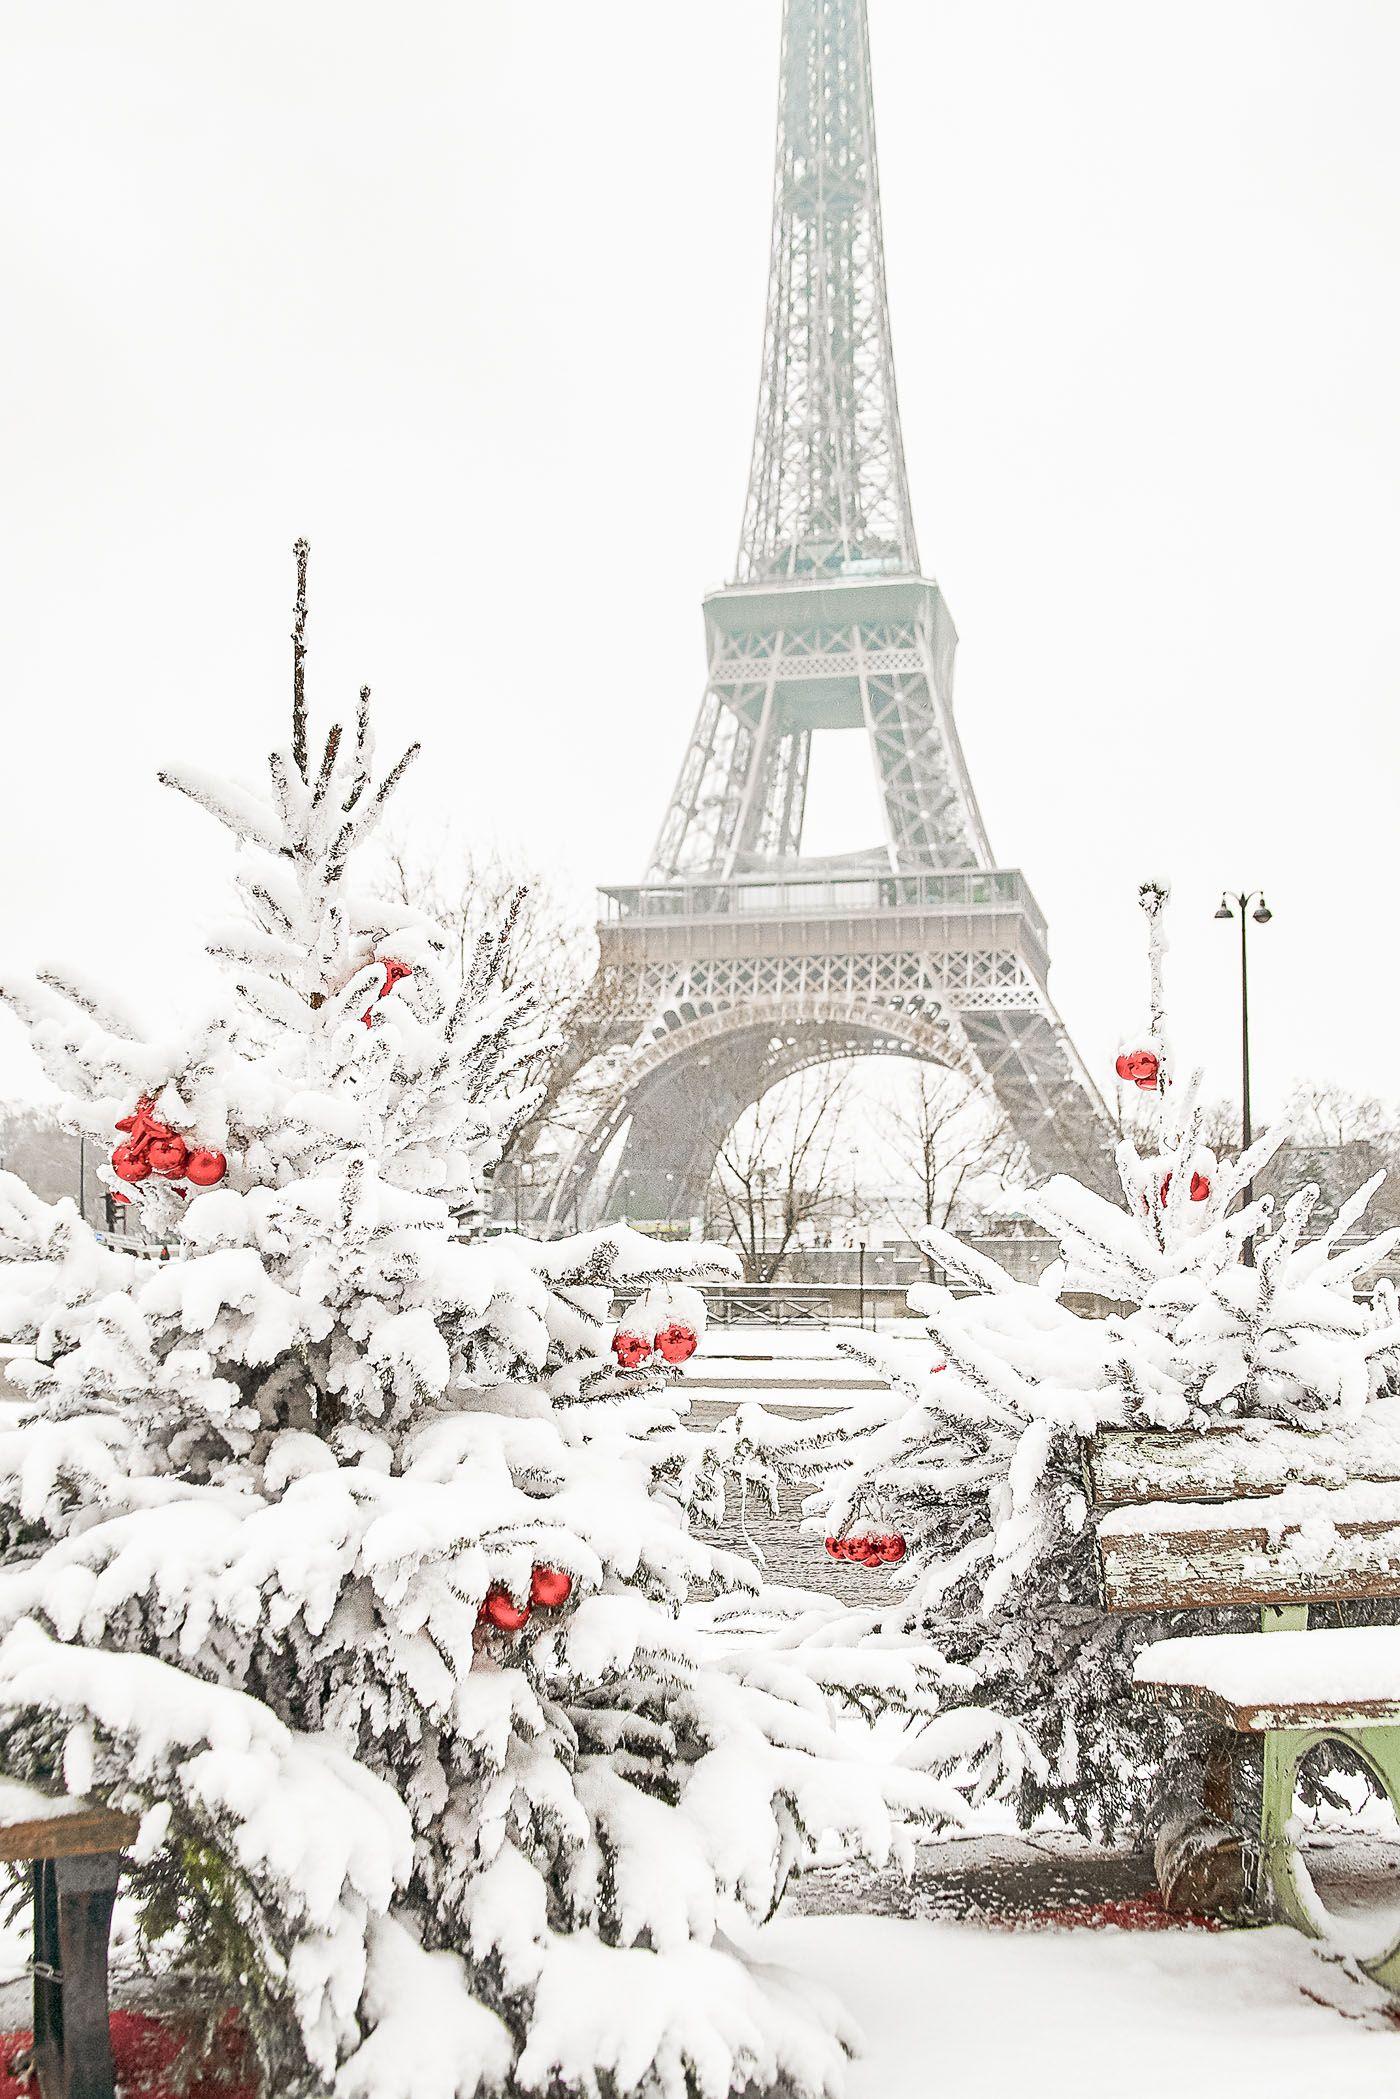 Paris in winter photo